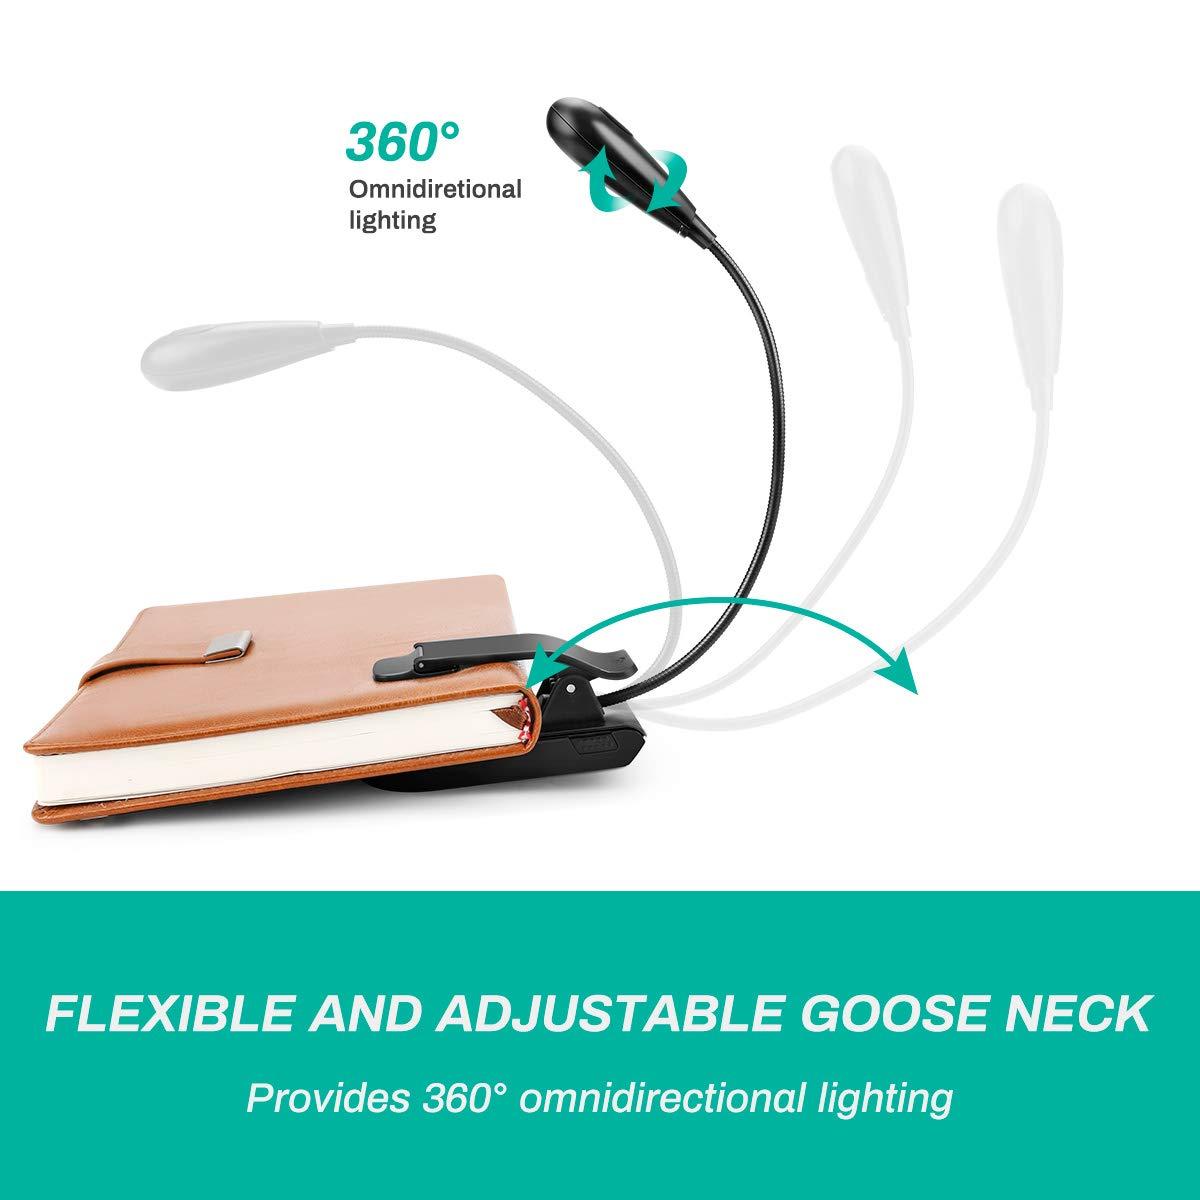 Bett LED Klemmleuchte,7 LED Buchlampe,3 Farbtemperatur Buch USB Wiederaufladbare LED Leselampe f/ür B/üro Musikst/ände 360/° Flexibel 3 Helligkeit eBook Reader Laelr Leselampe Buch Klemme